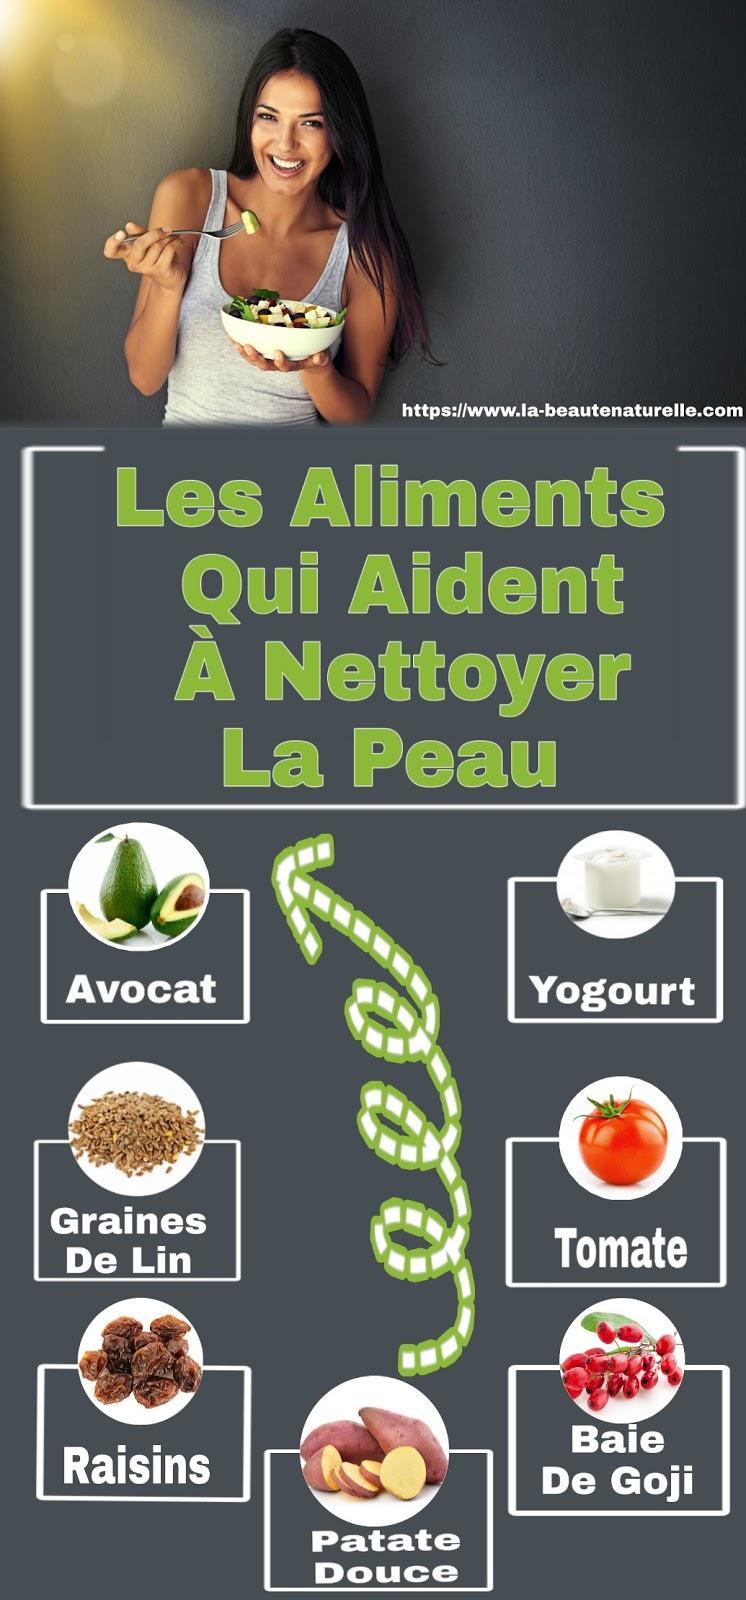 Les Aliments Qui Aident À Nettoyer La Peau